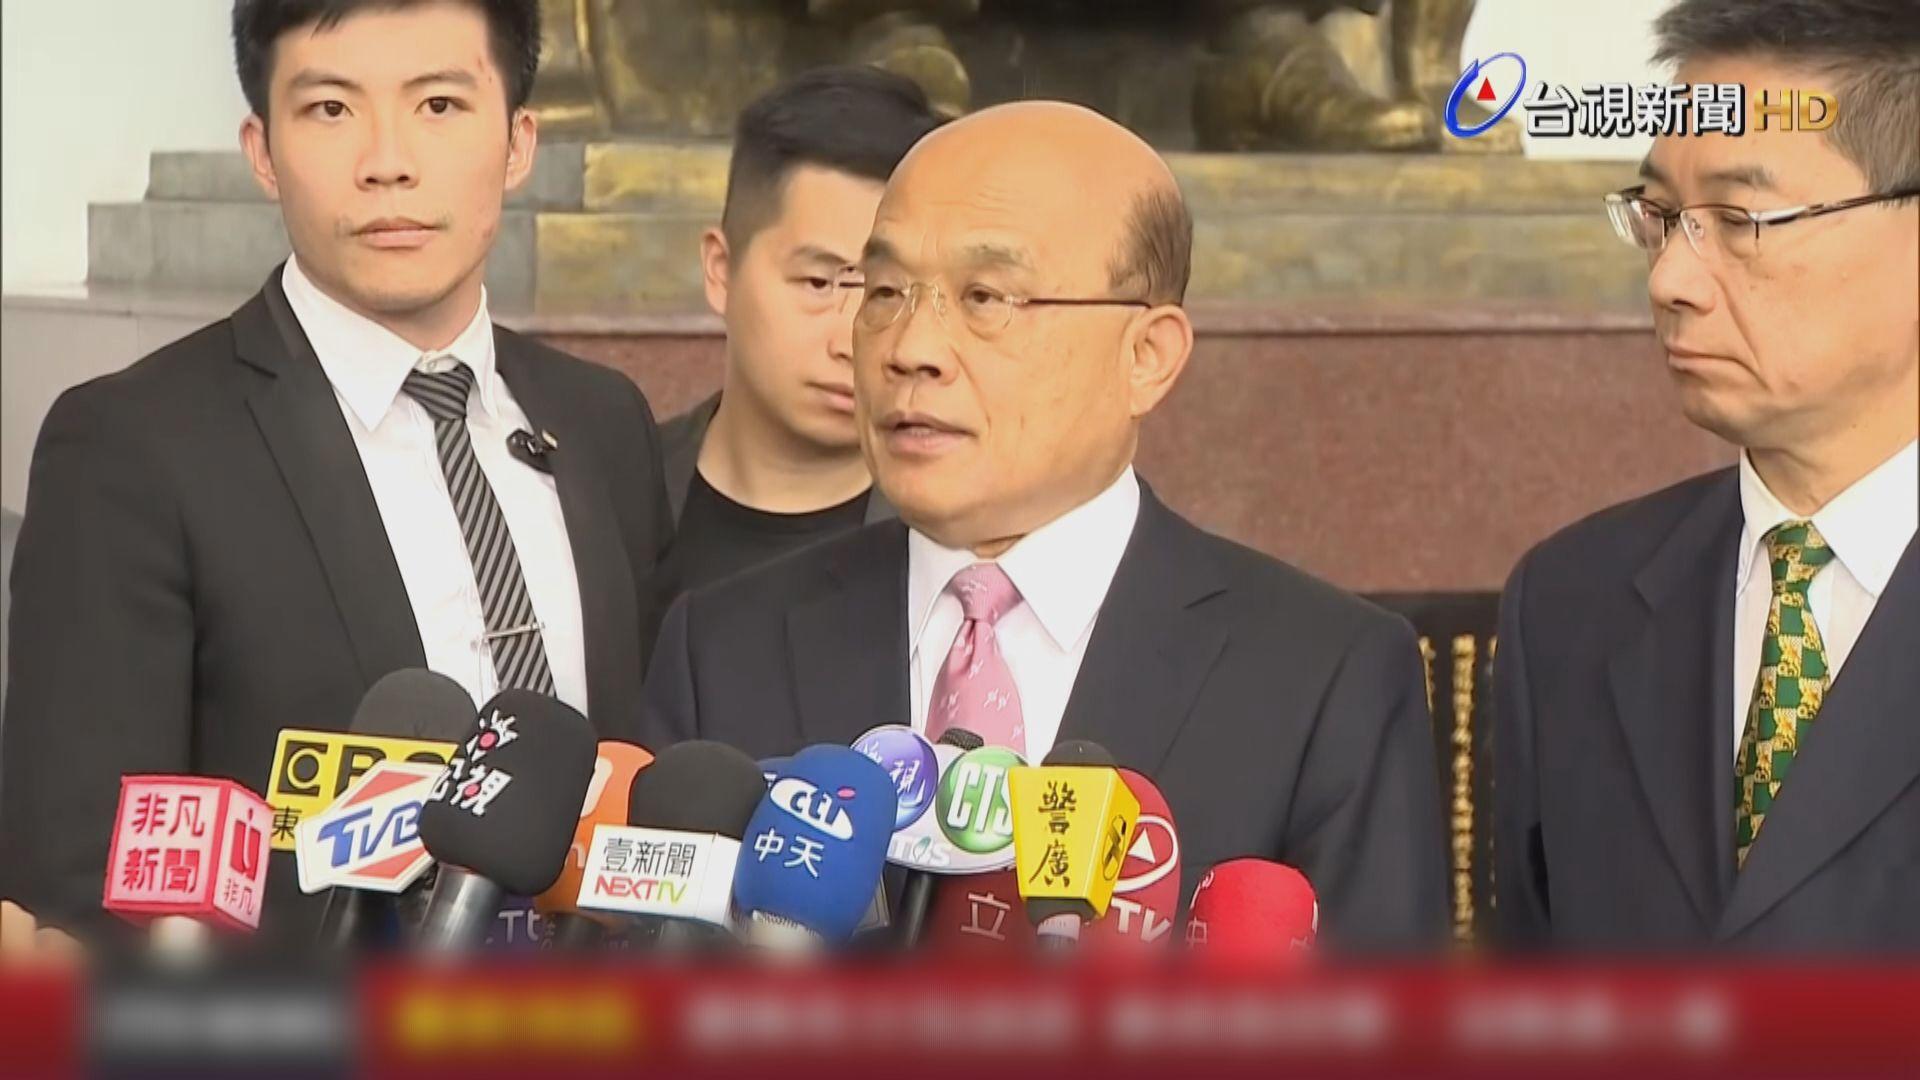 蘇貞昌︰陳同佳倘踏足台灣 一定會將他逮捕